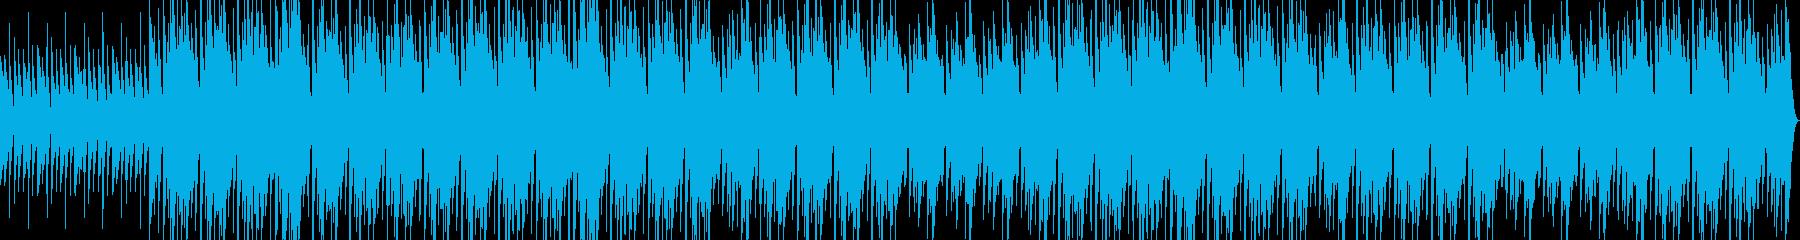 無造作なメロディーラインの再生済みの波形